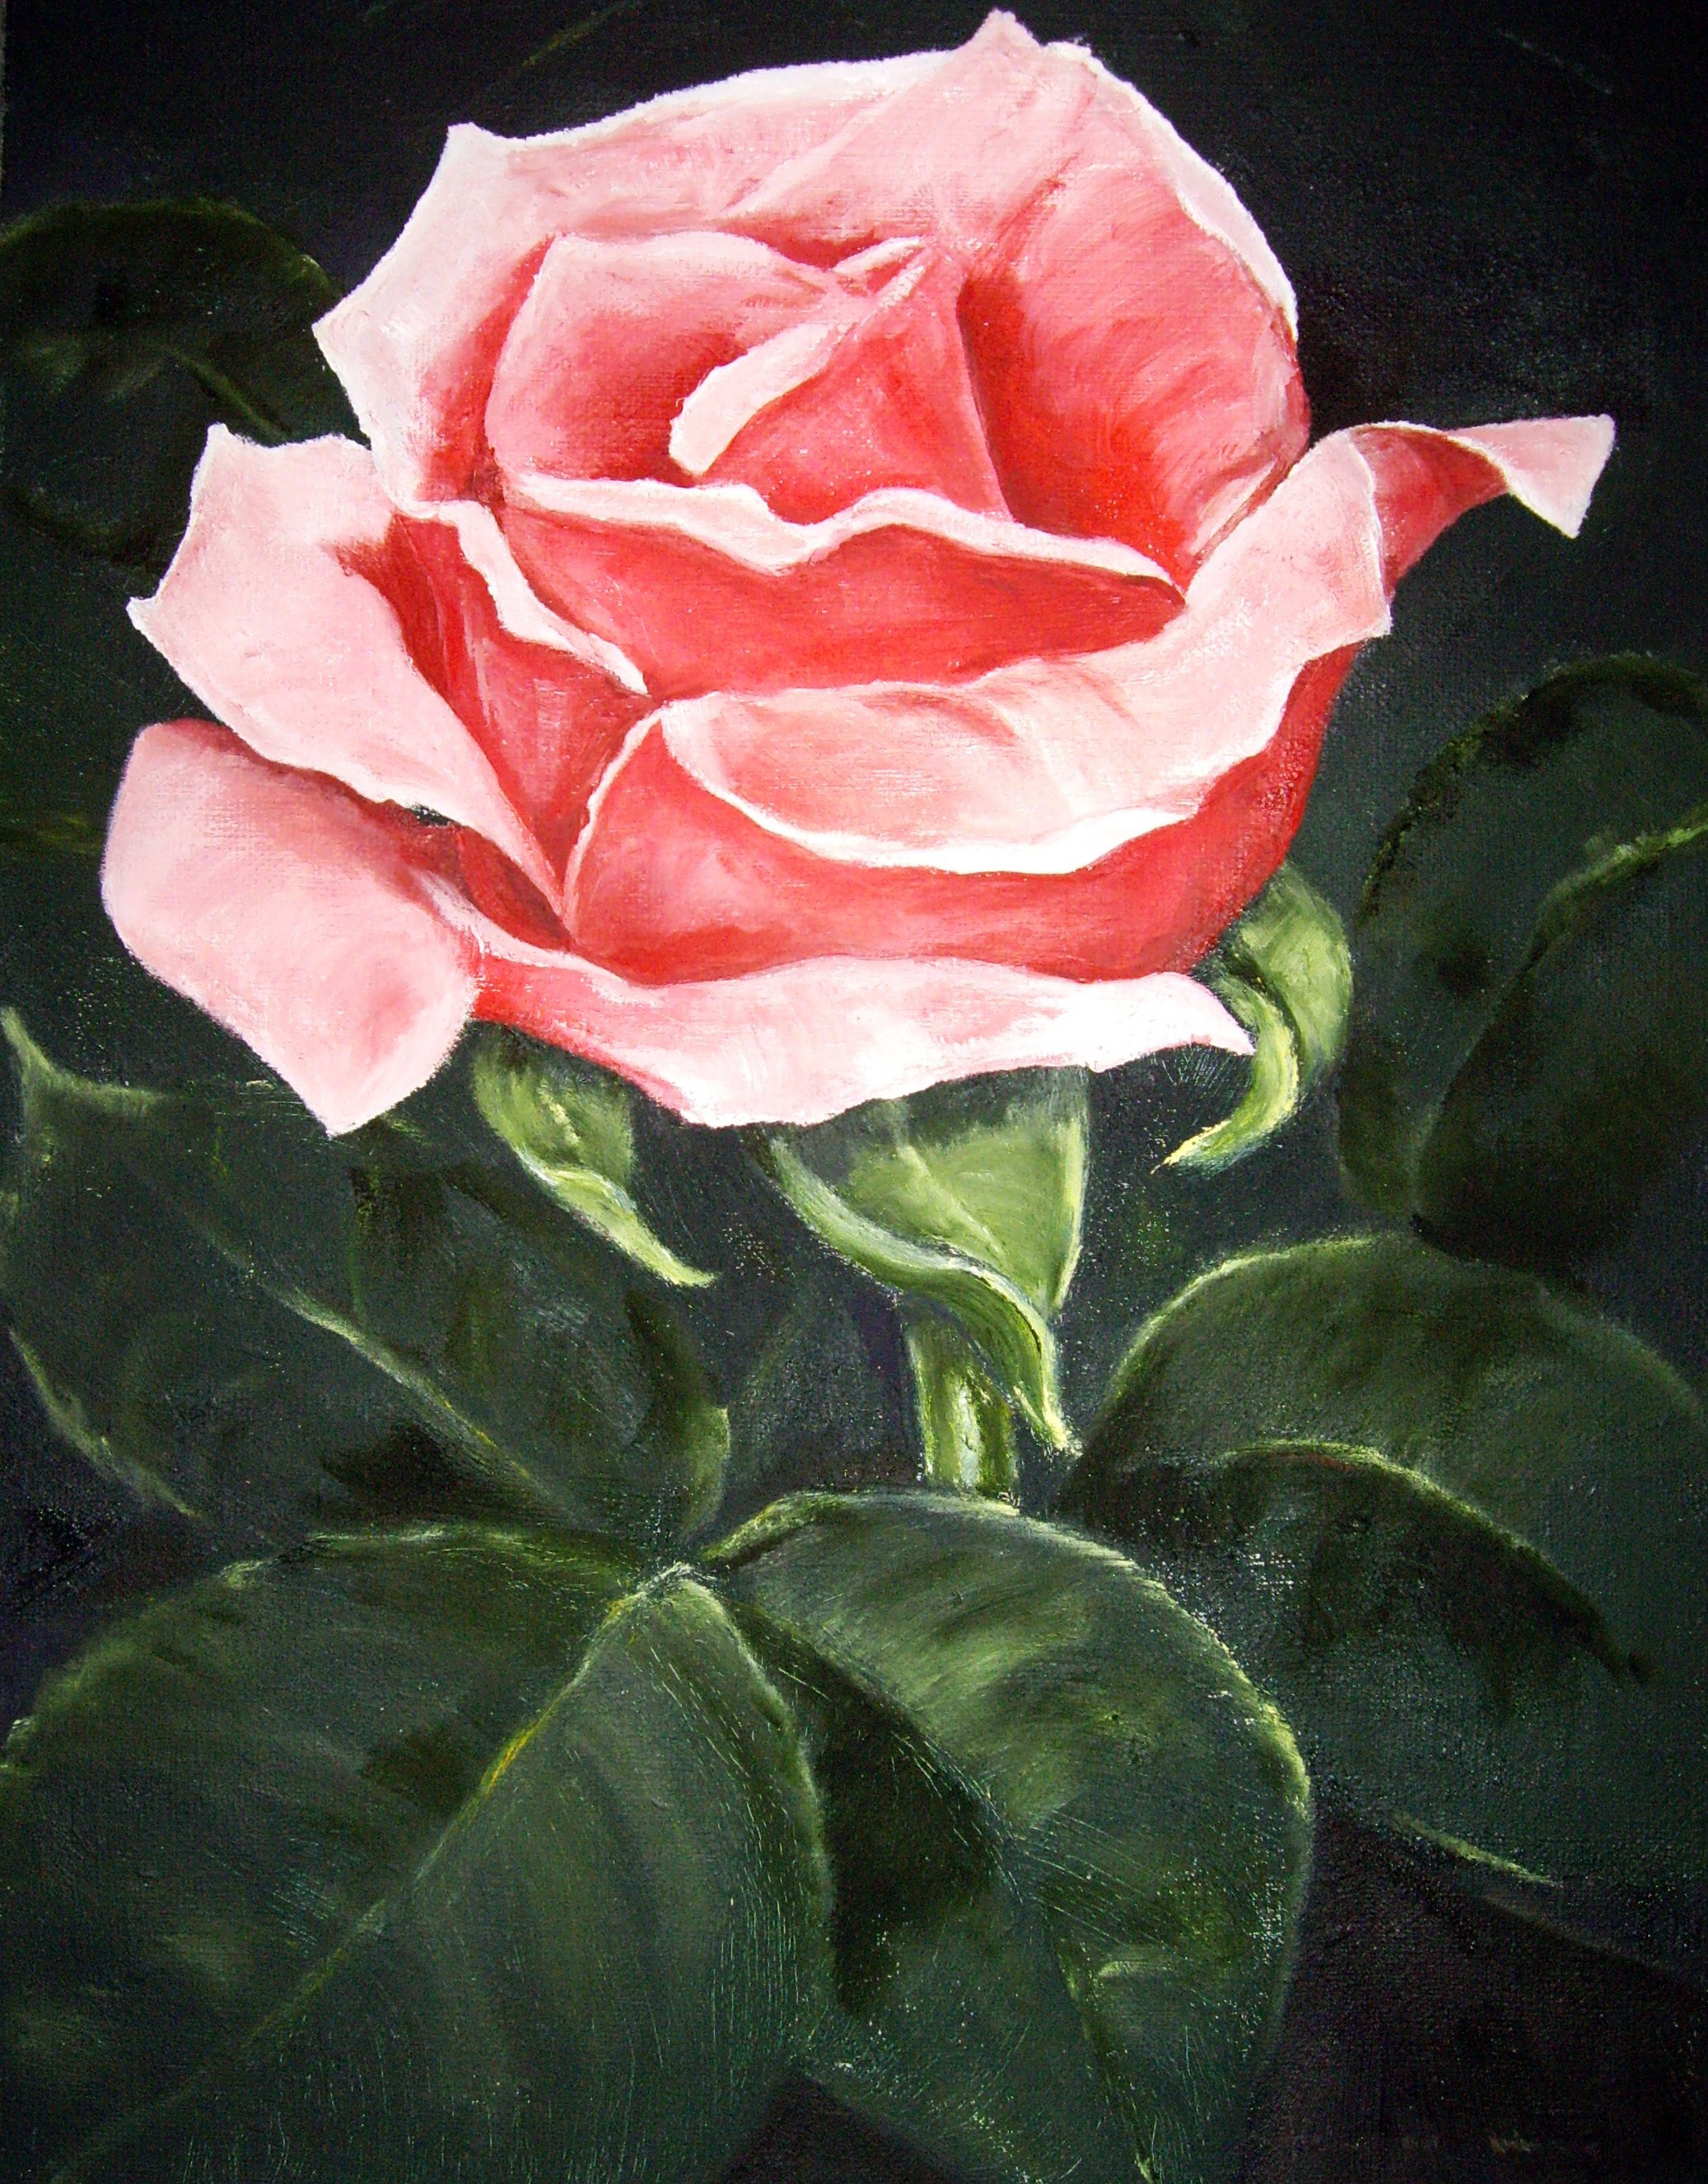 Rosa ros med blad 501